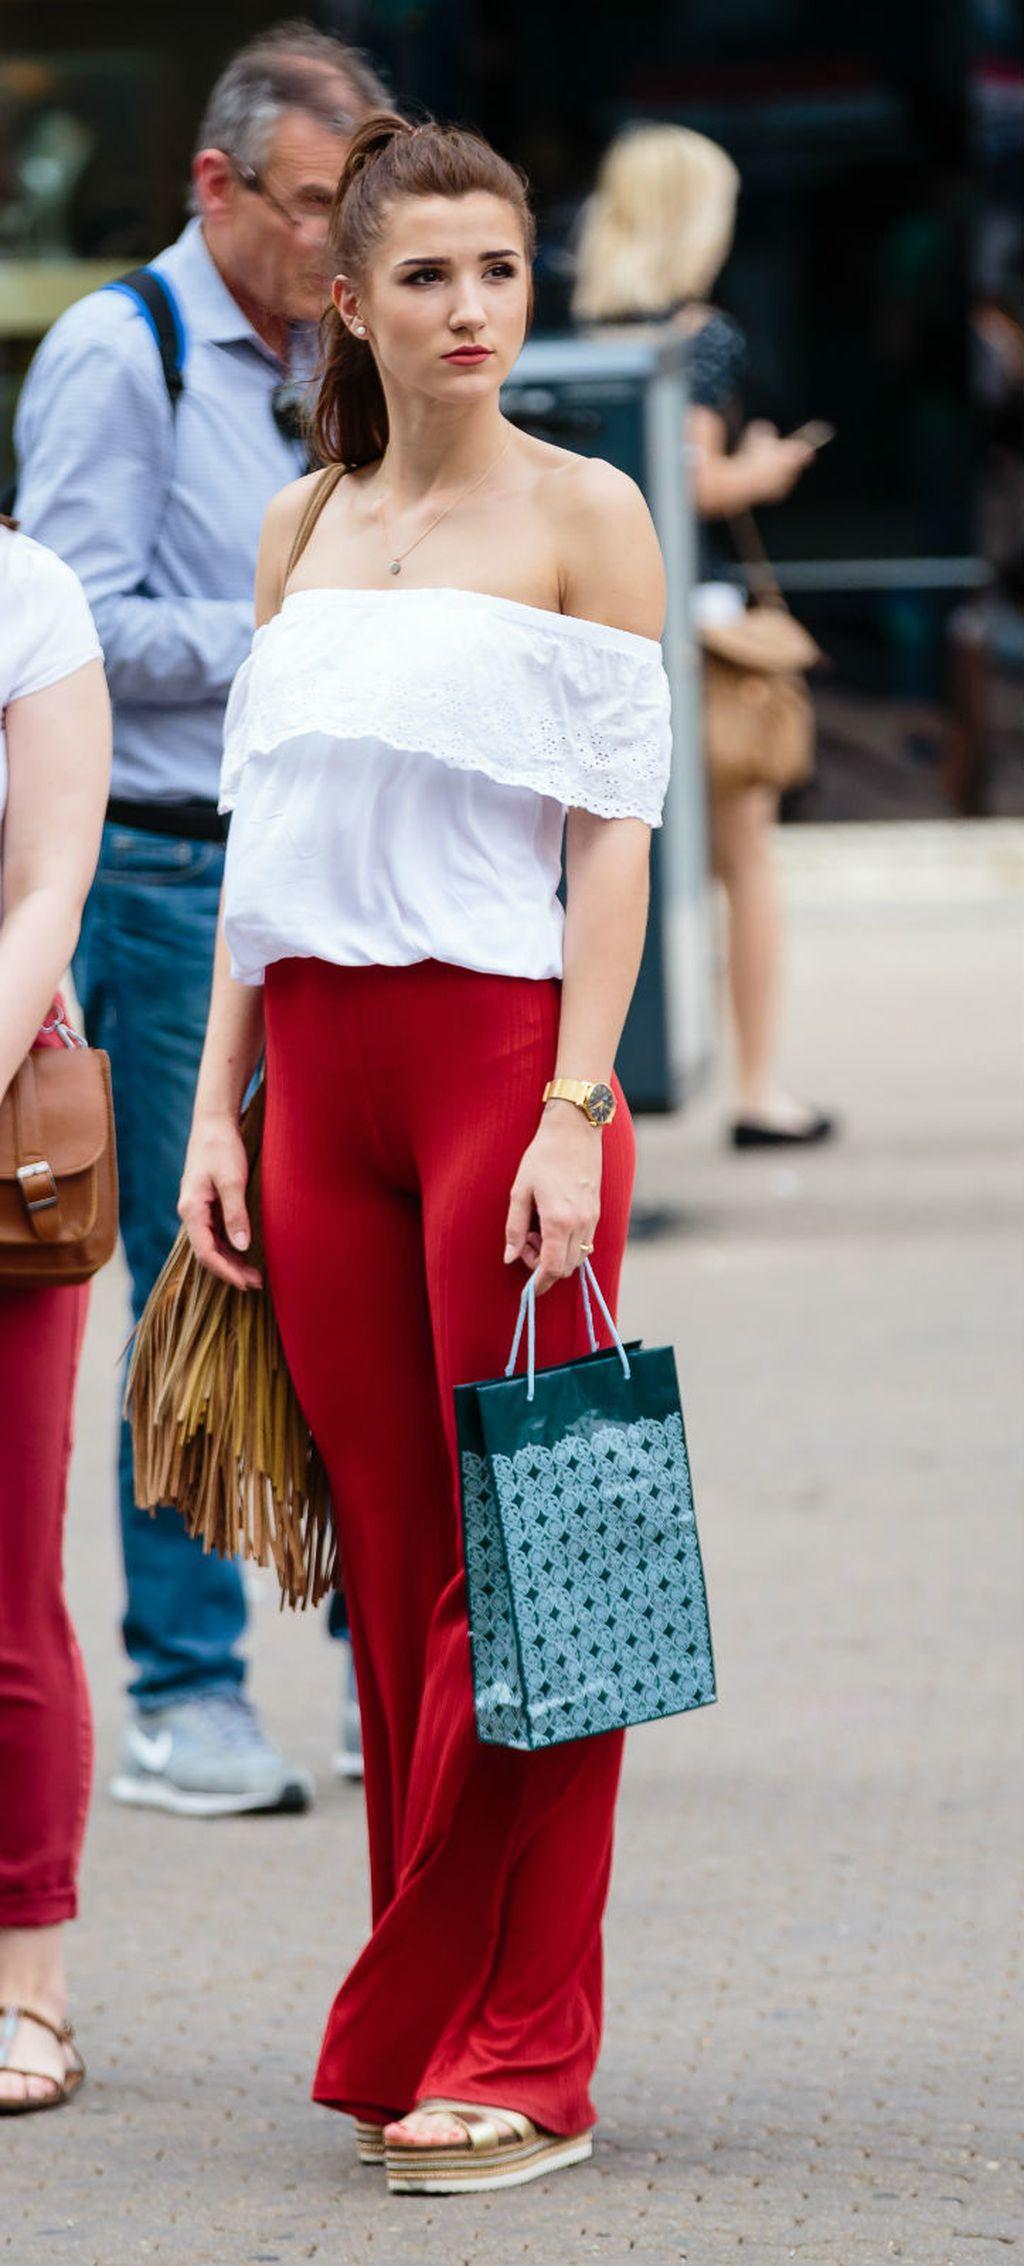 Street style dame iz Zagreba - 9